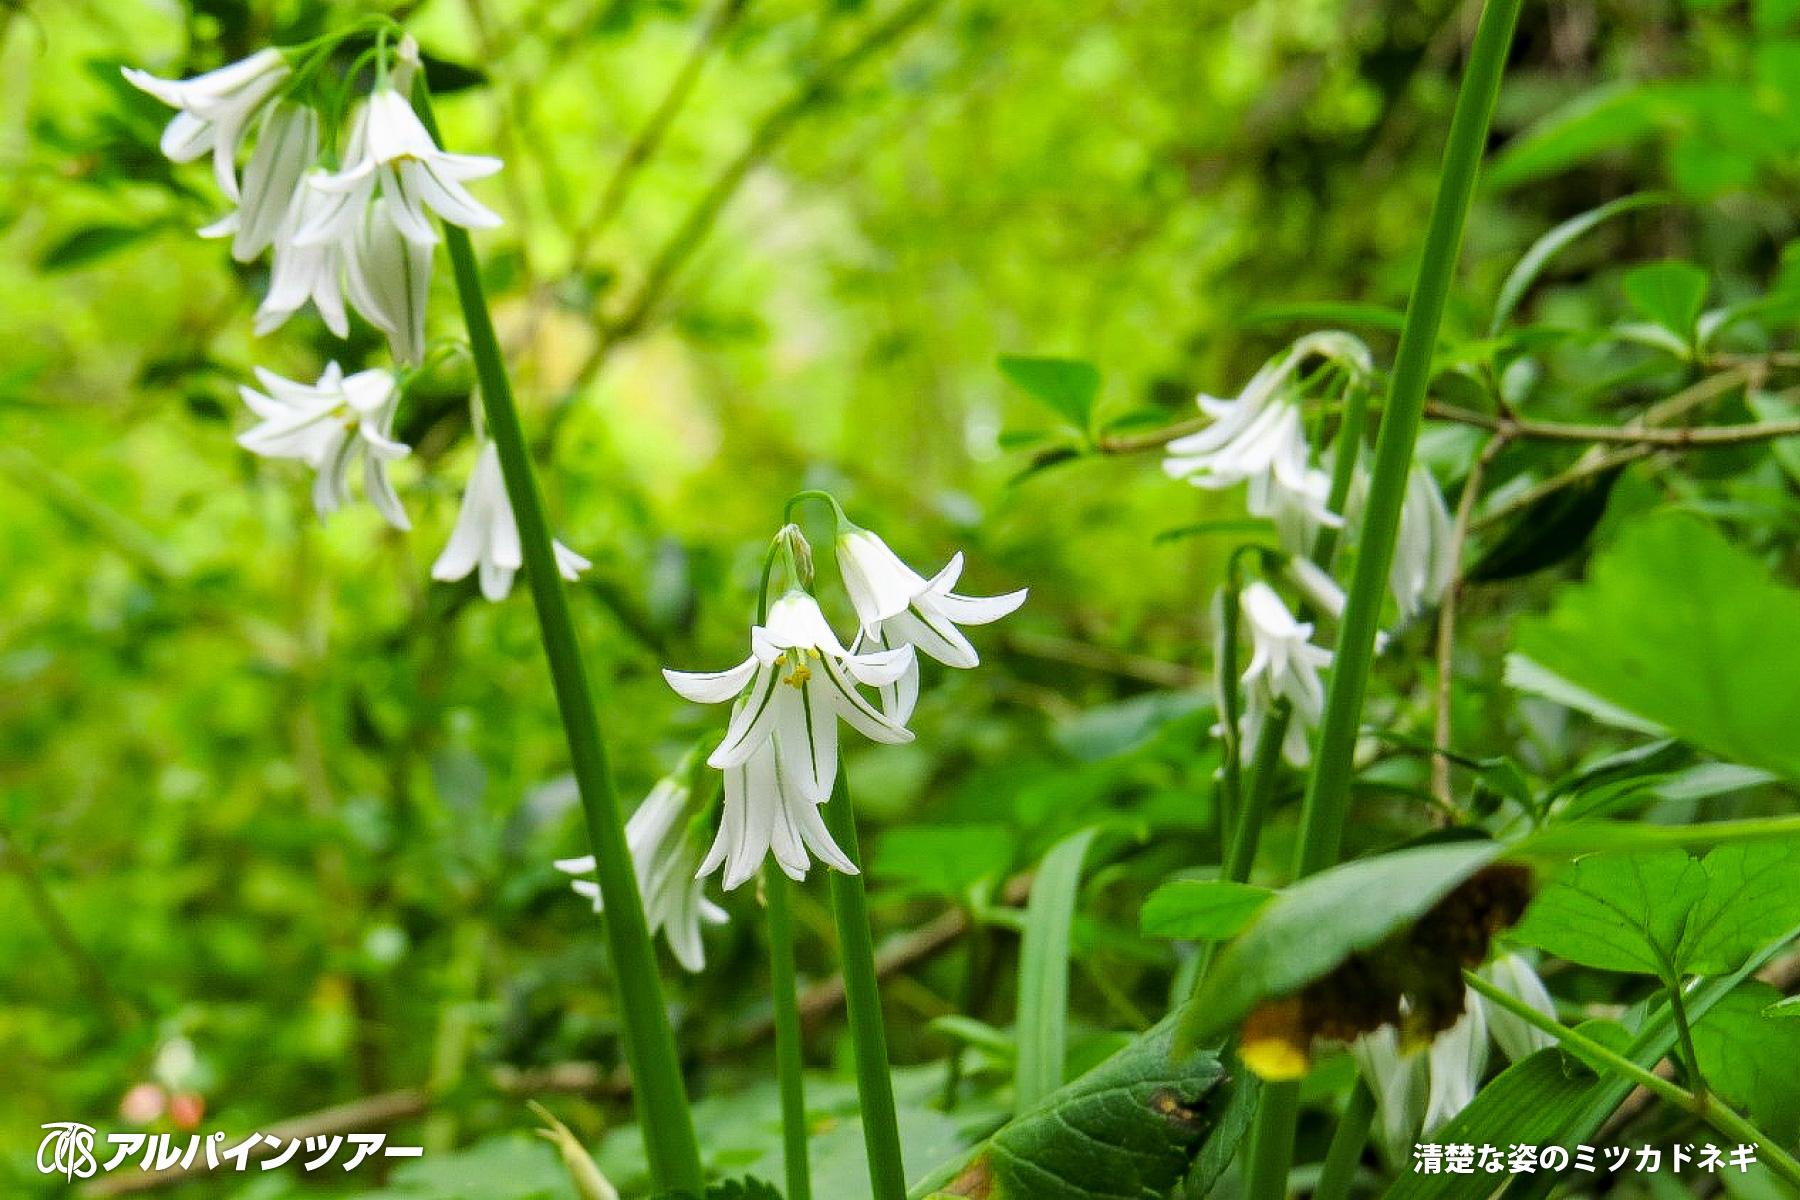 【今日の花】 ミツカドネギ(南フランス)